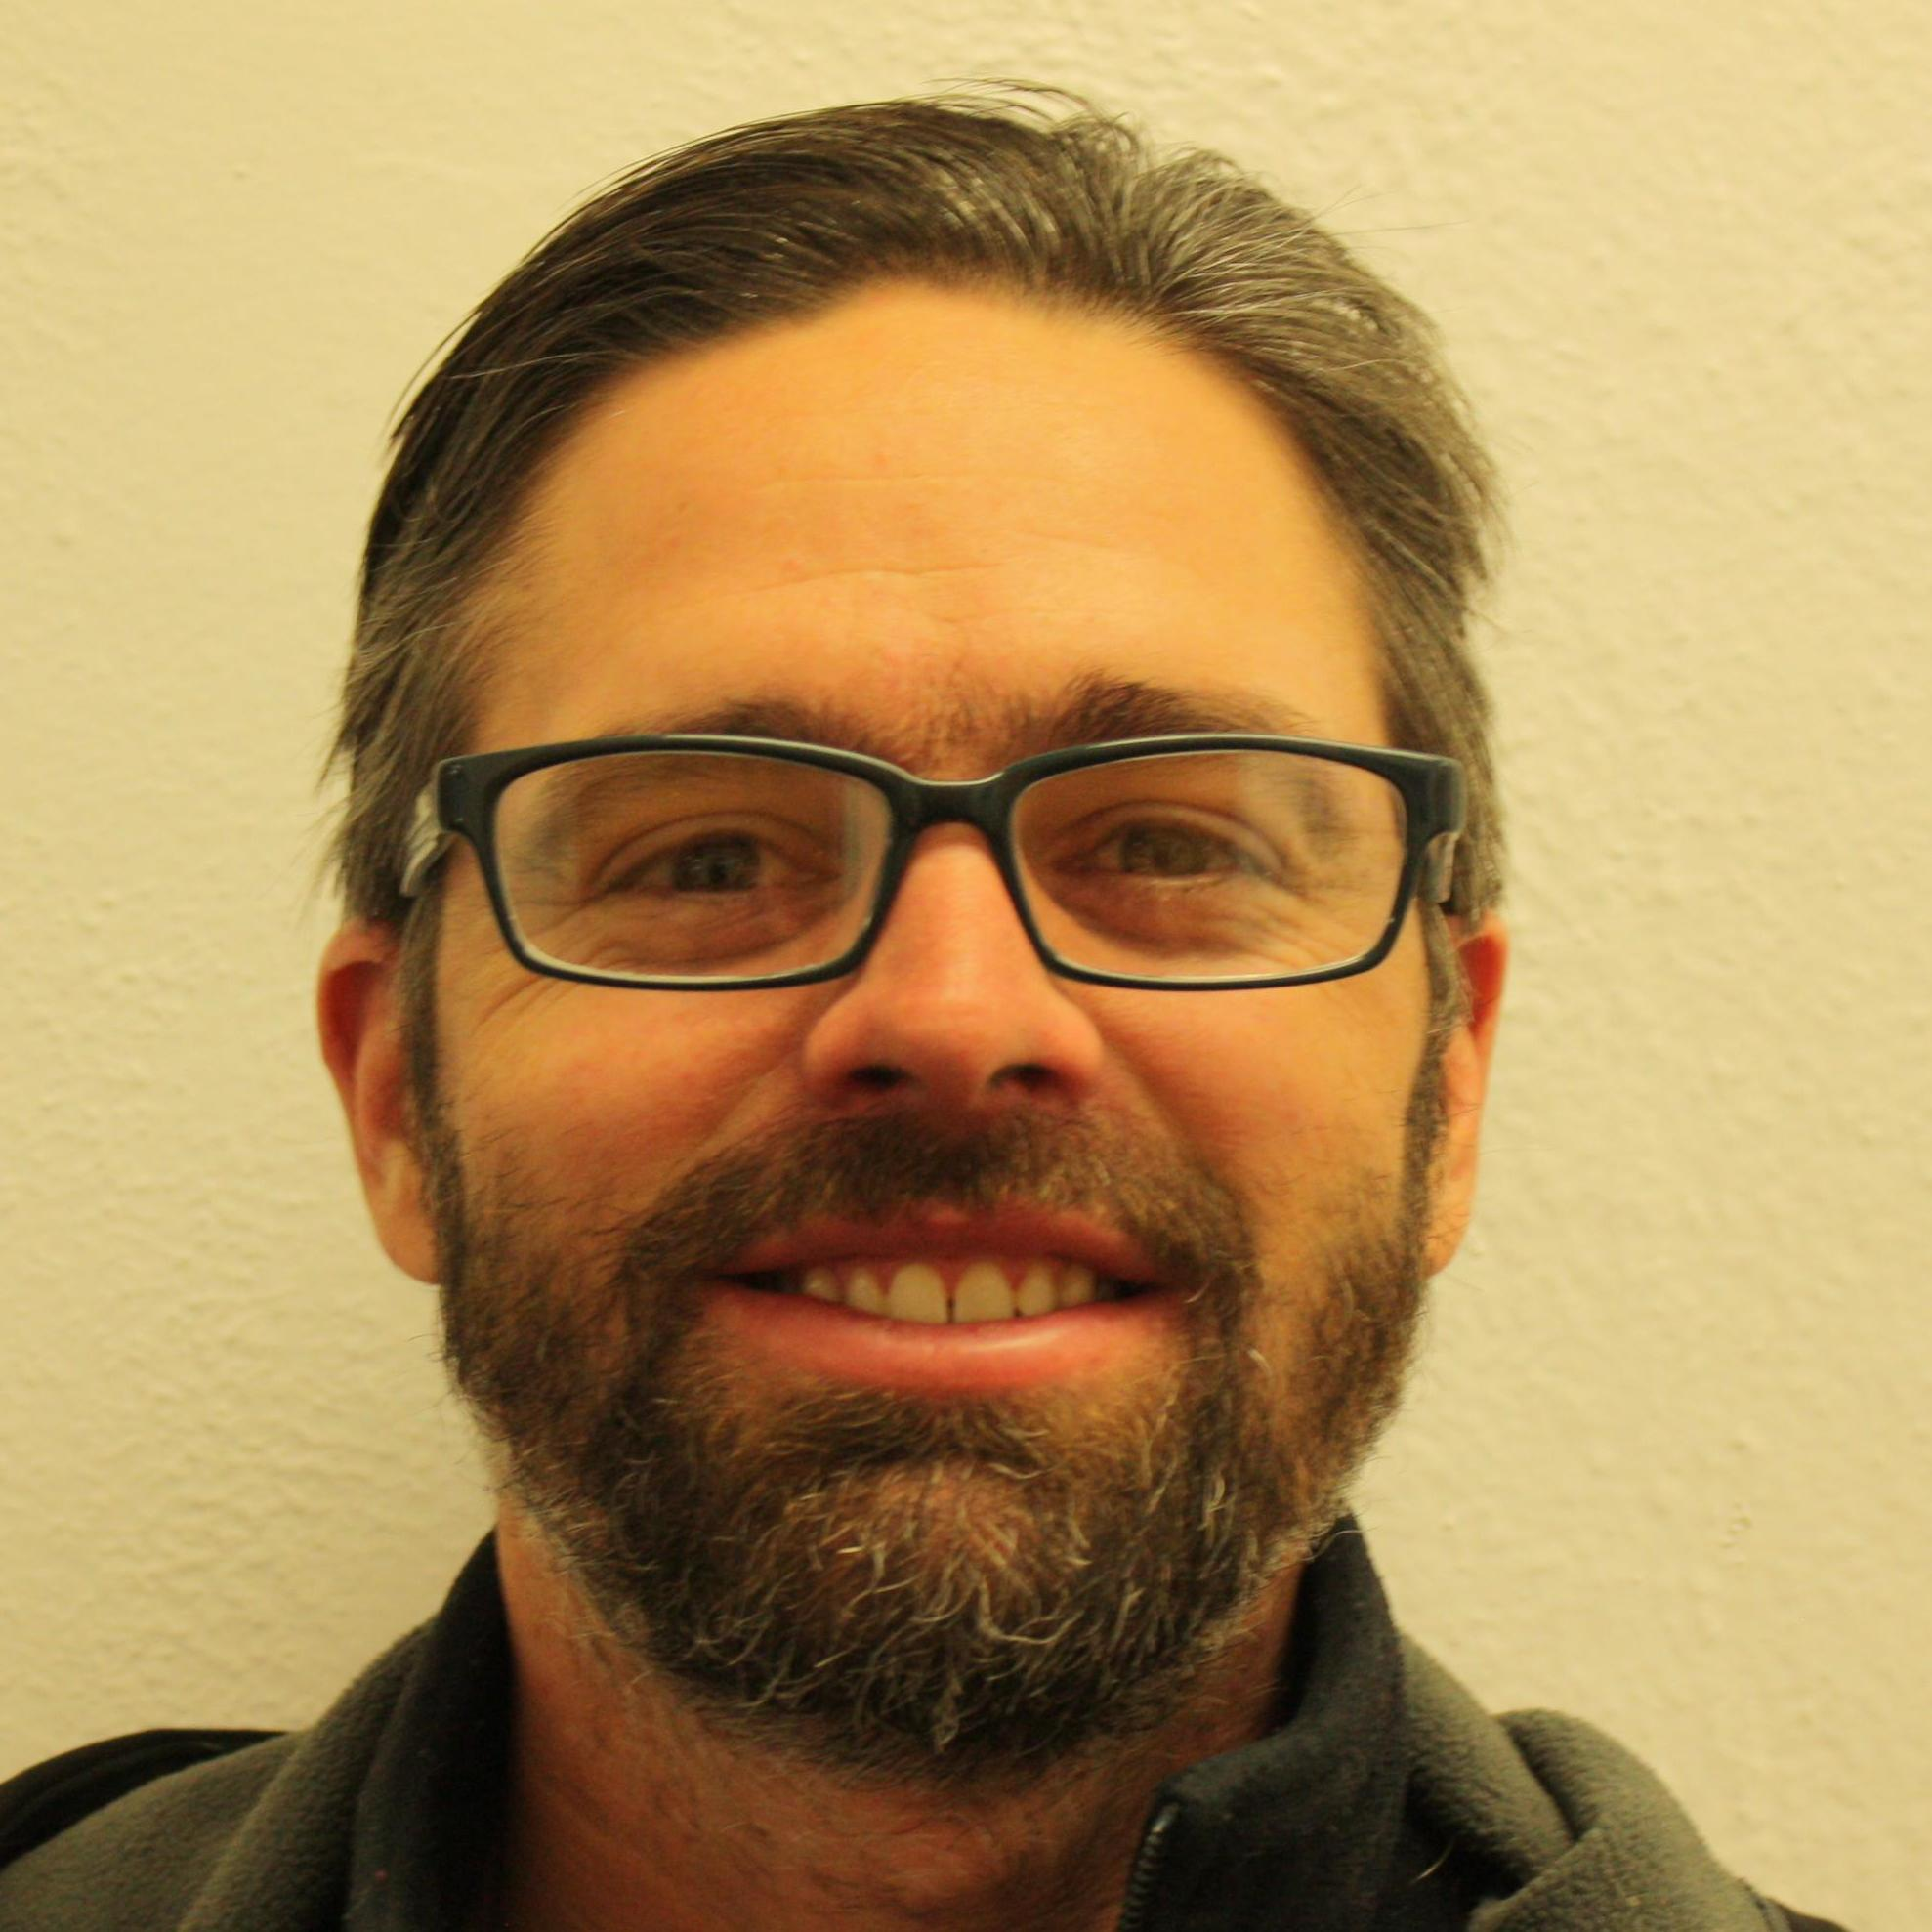 Danial Ciluffo's Profile Photo